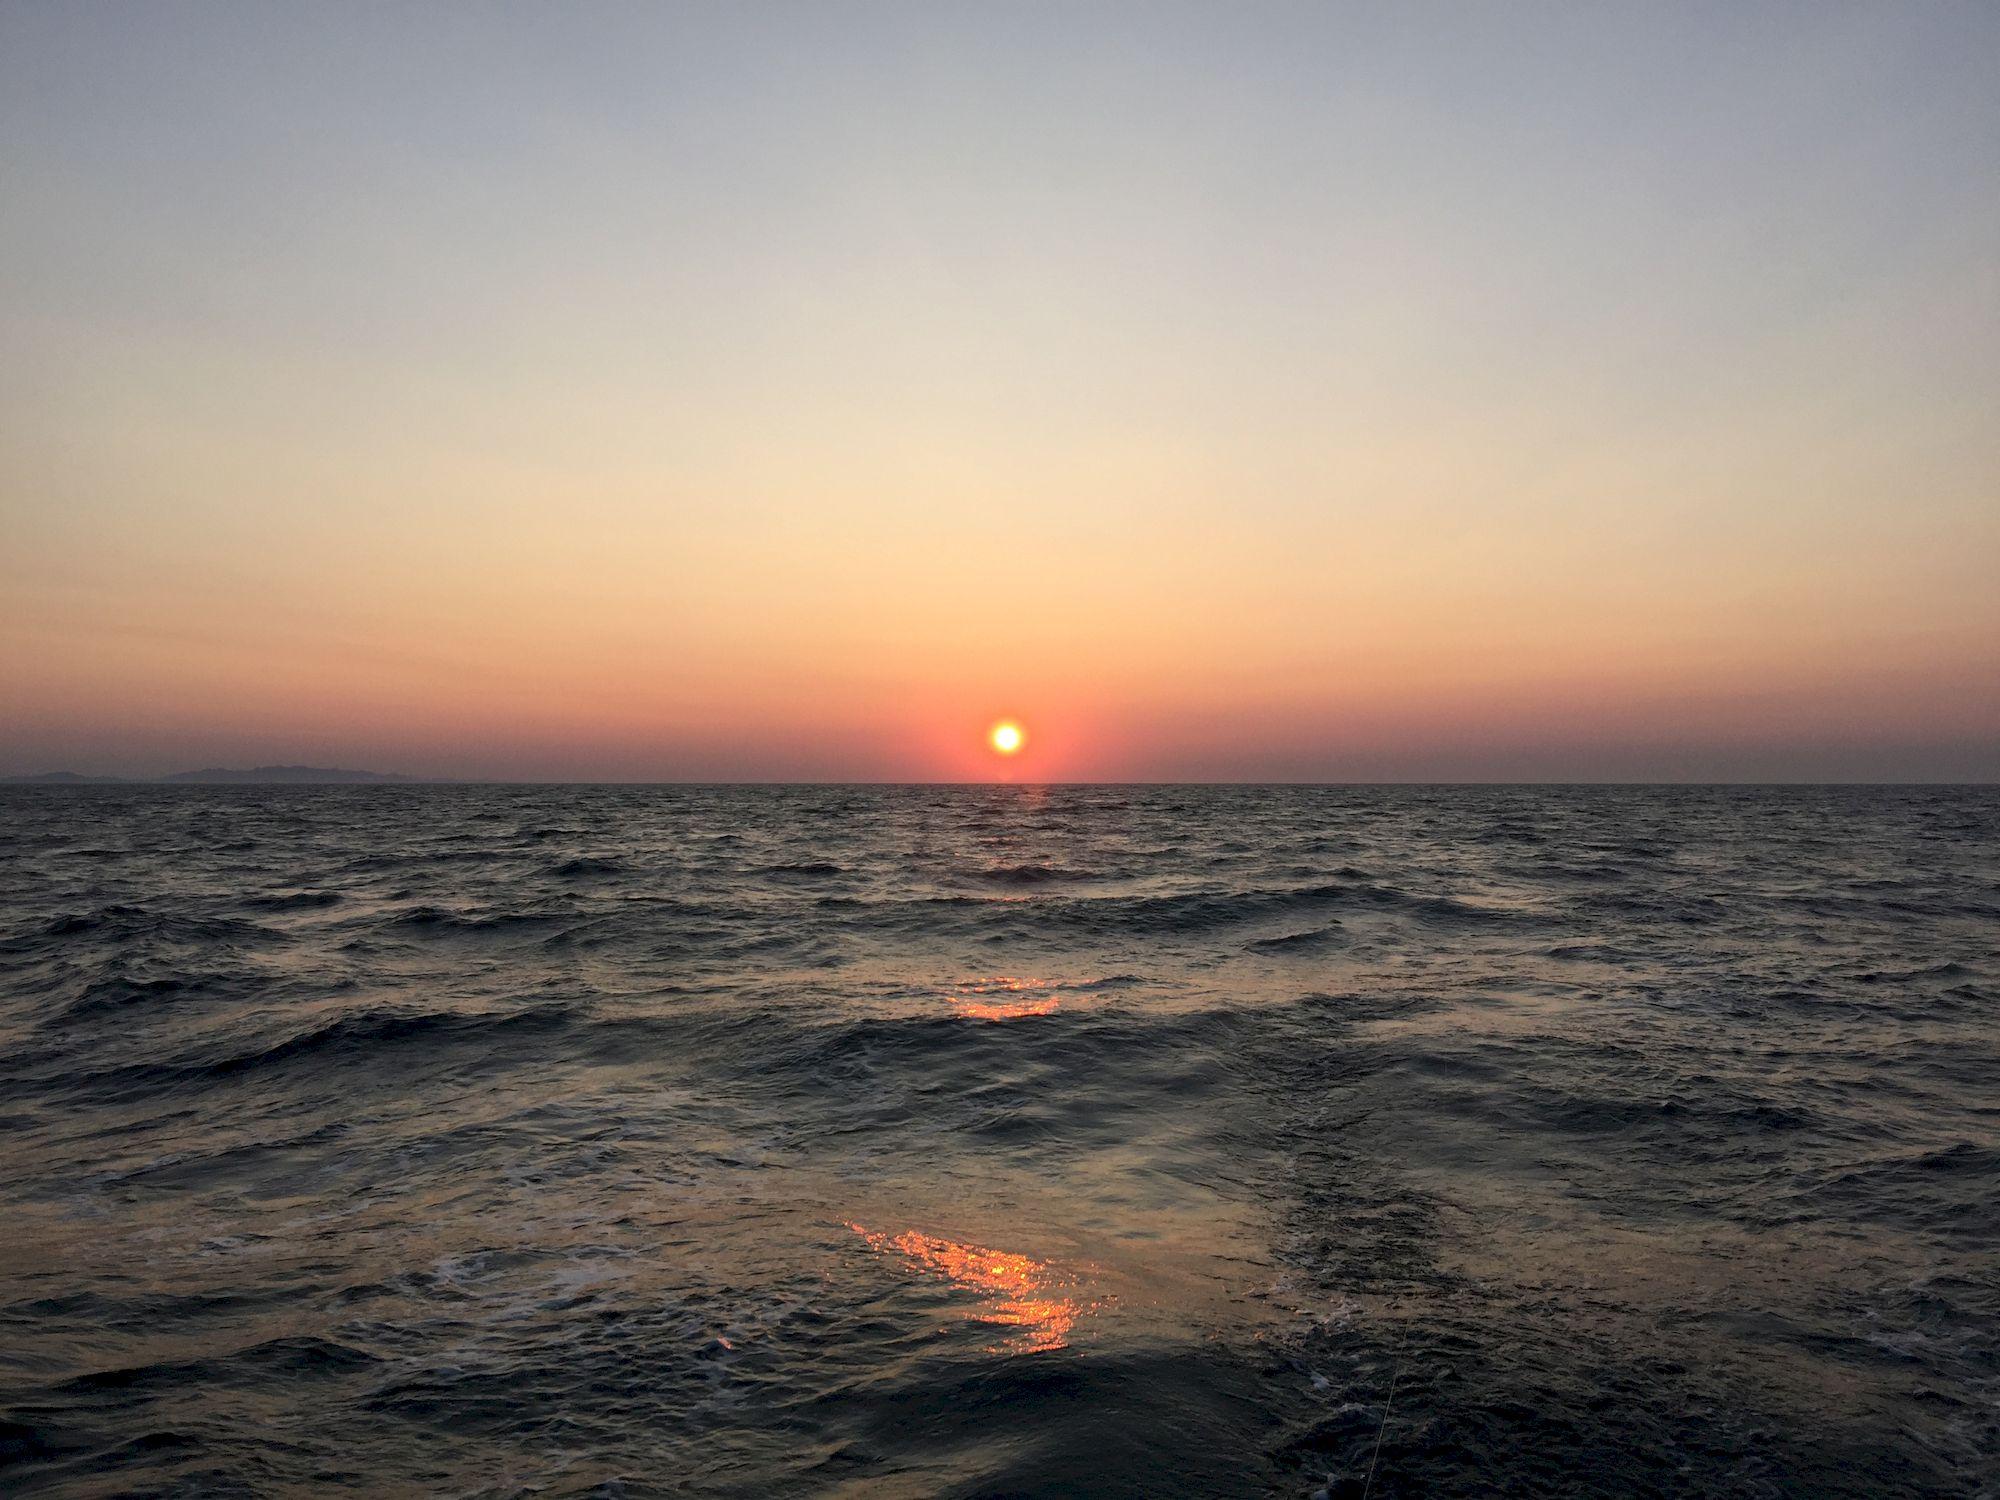 030-IMG_3578_千帆俱乐部我要航海网帆船队-2016威海-仁川国际帆船赛.JPG